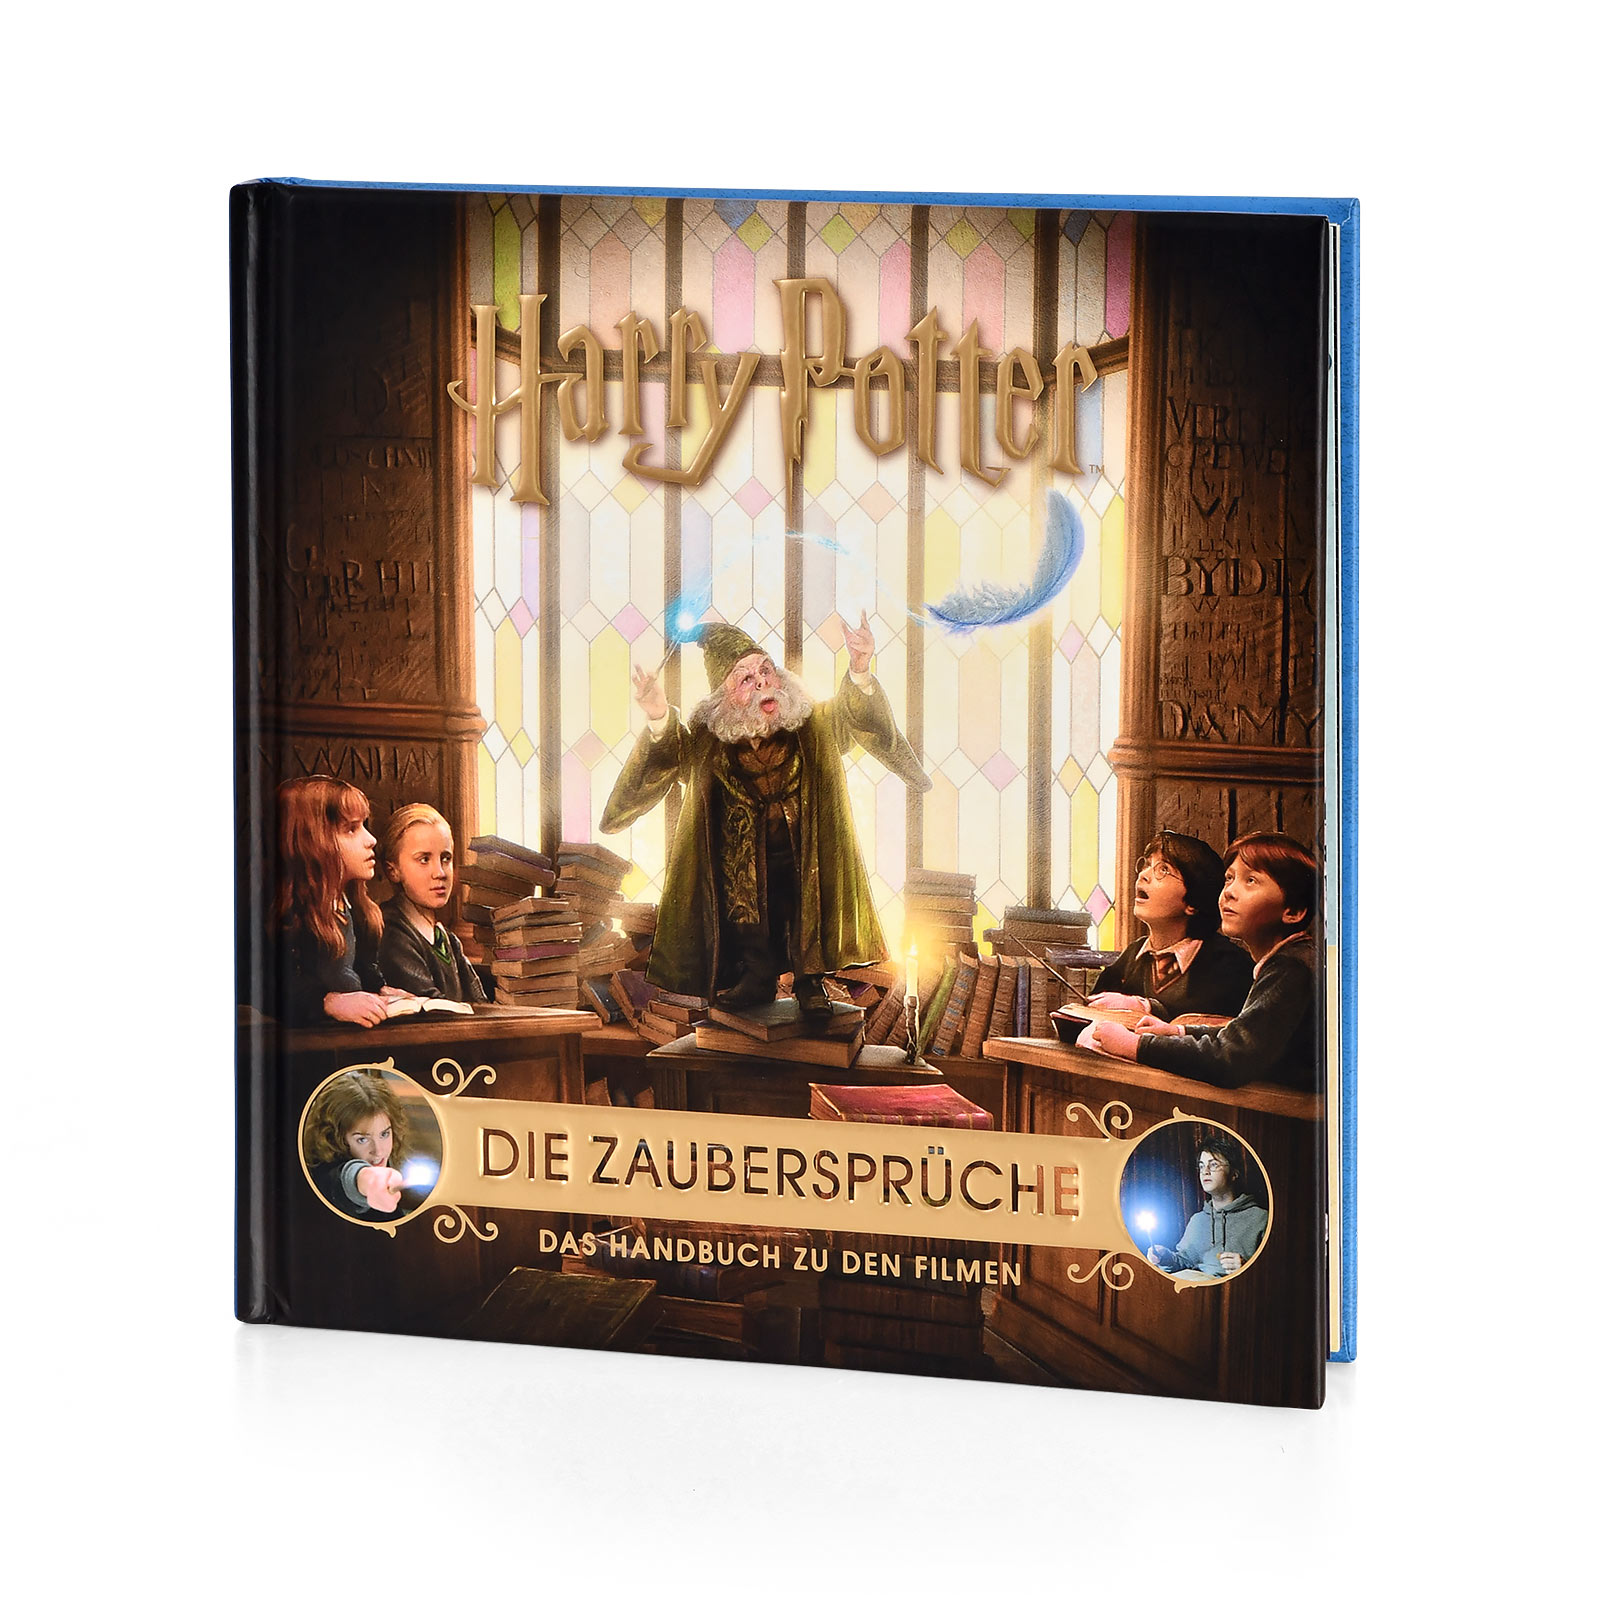 Harry Potter - Die Zaubersprüche